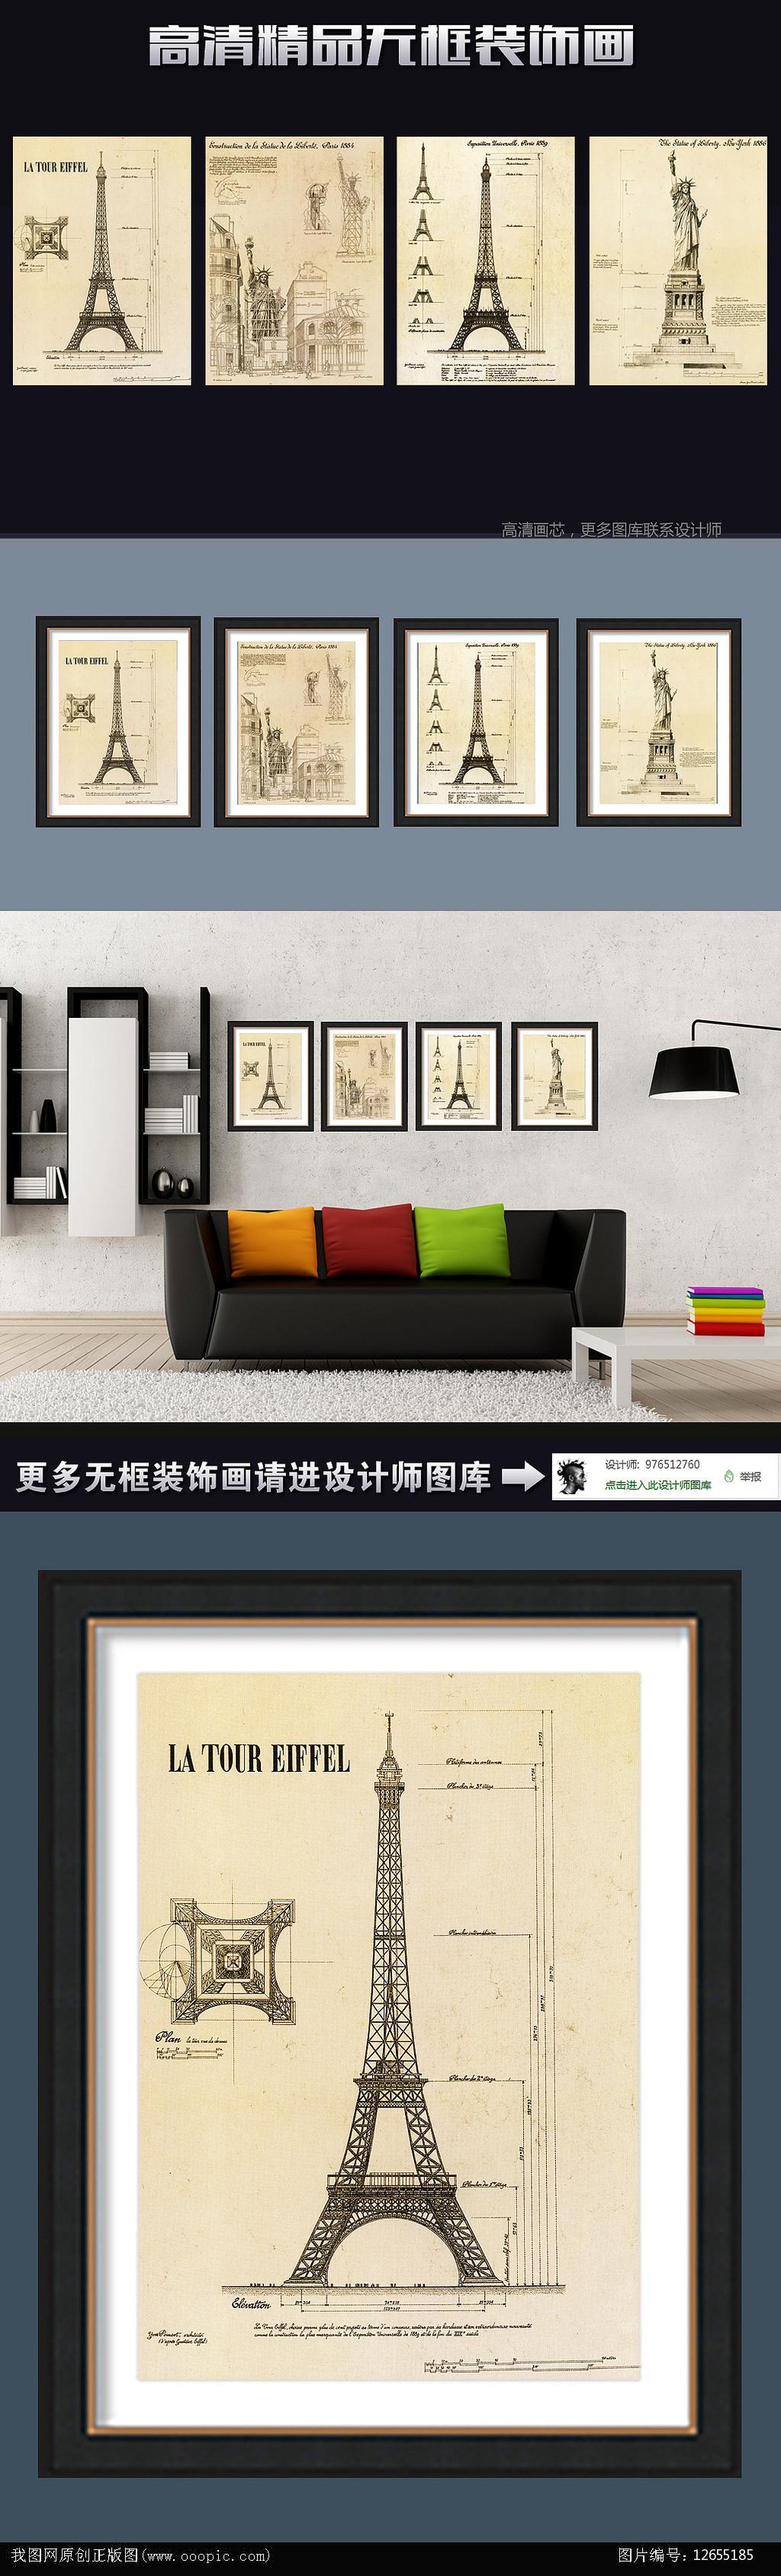 手绘黑白线稿欧式建筑装饰画